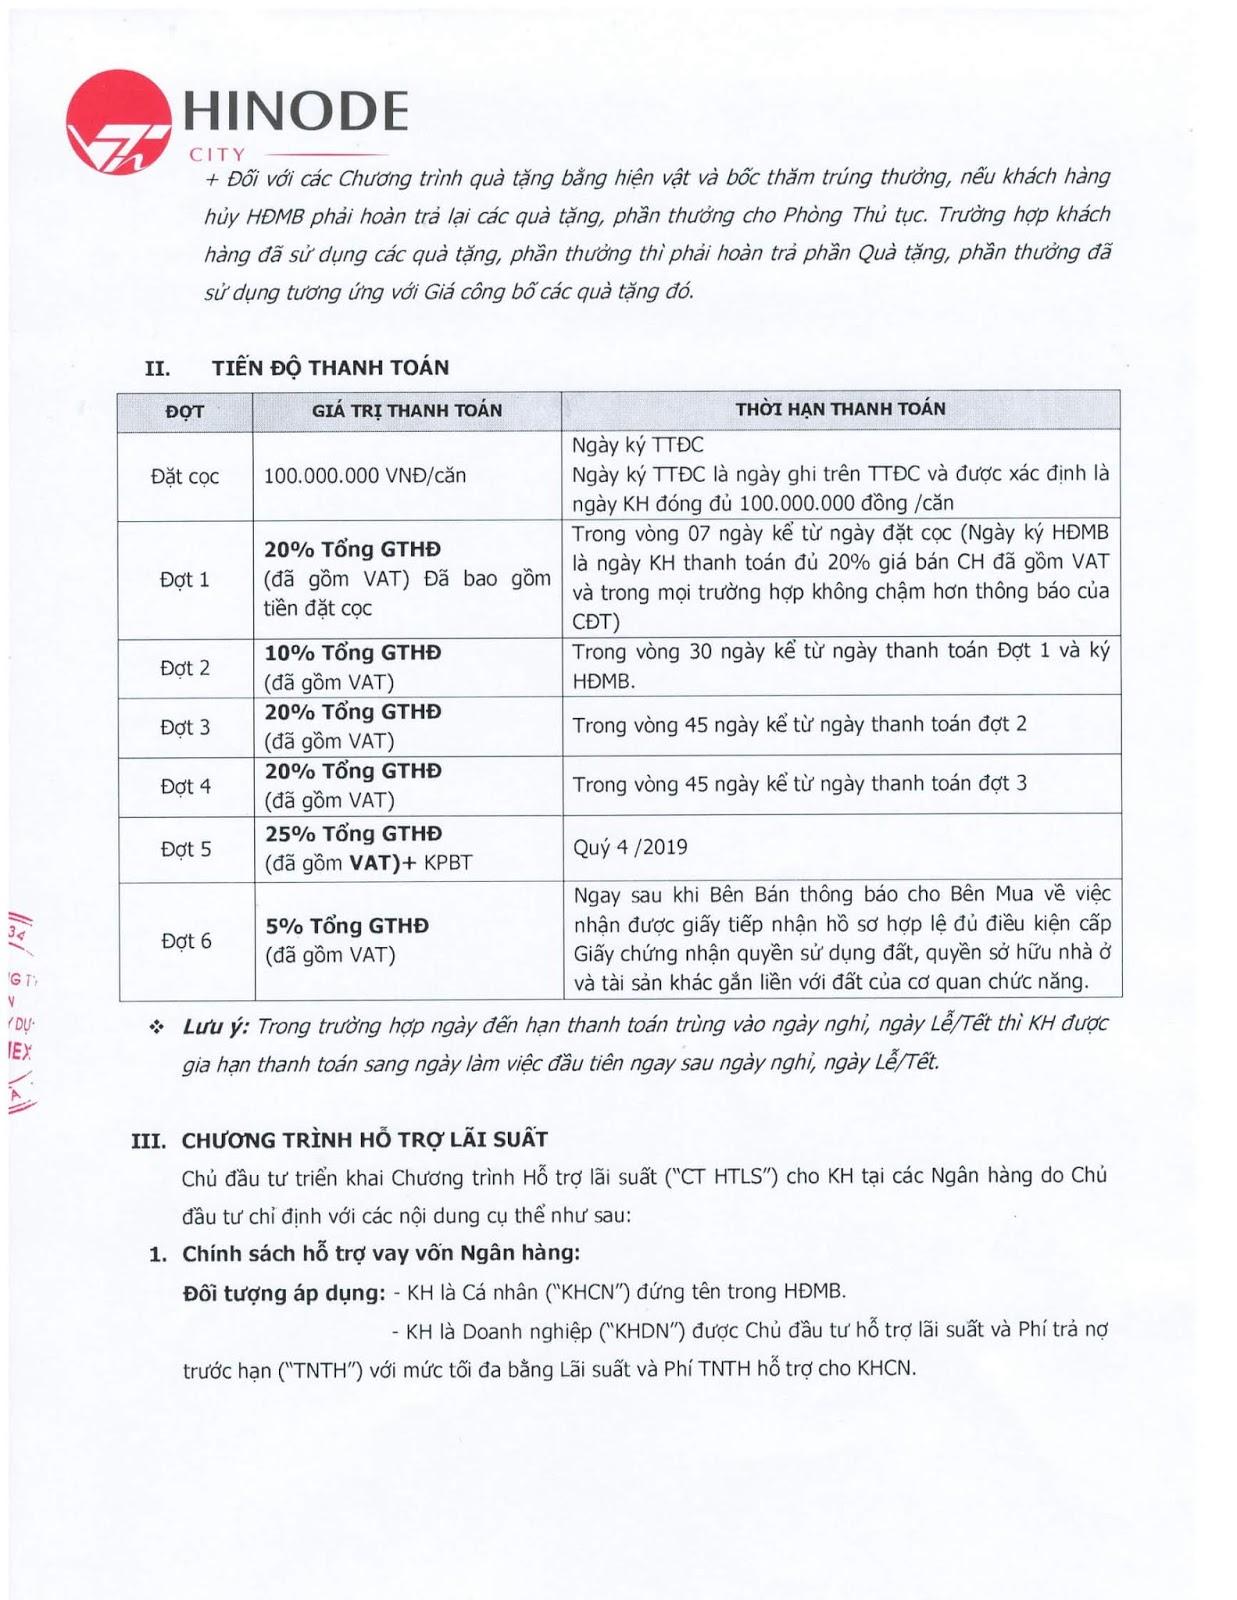 Chính sách thanh toán khi mua căn hộ chung cư Hinode City